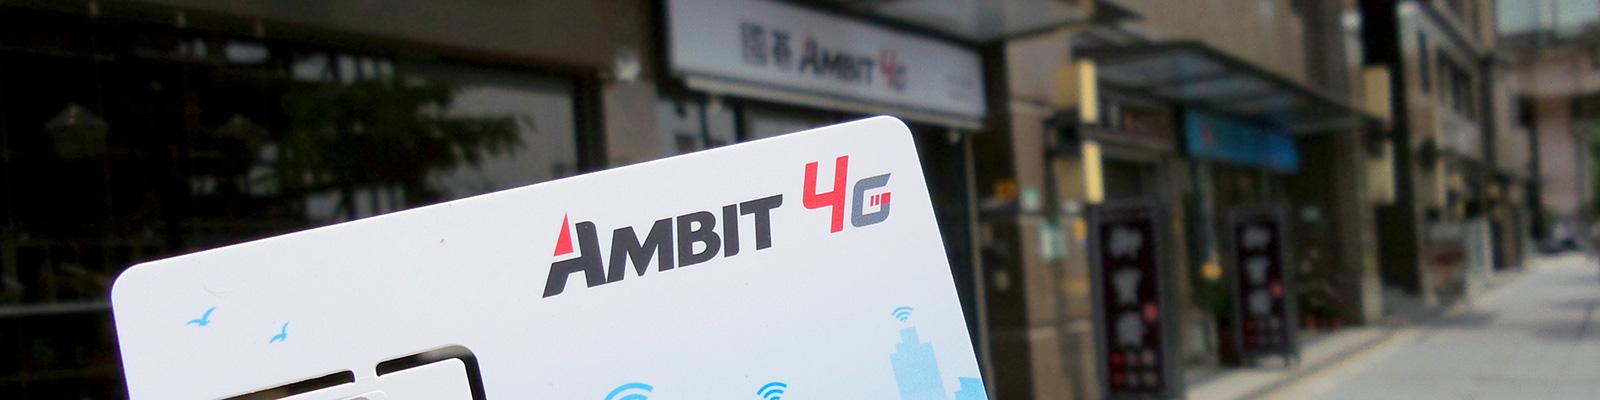 台湾でFoxconn傘下の國碁電子が提供する4G LTEサービスを試す